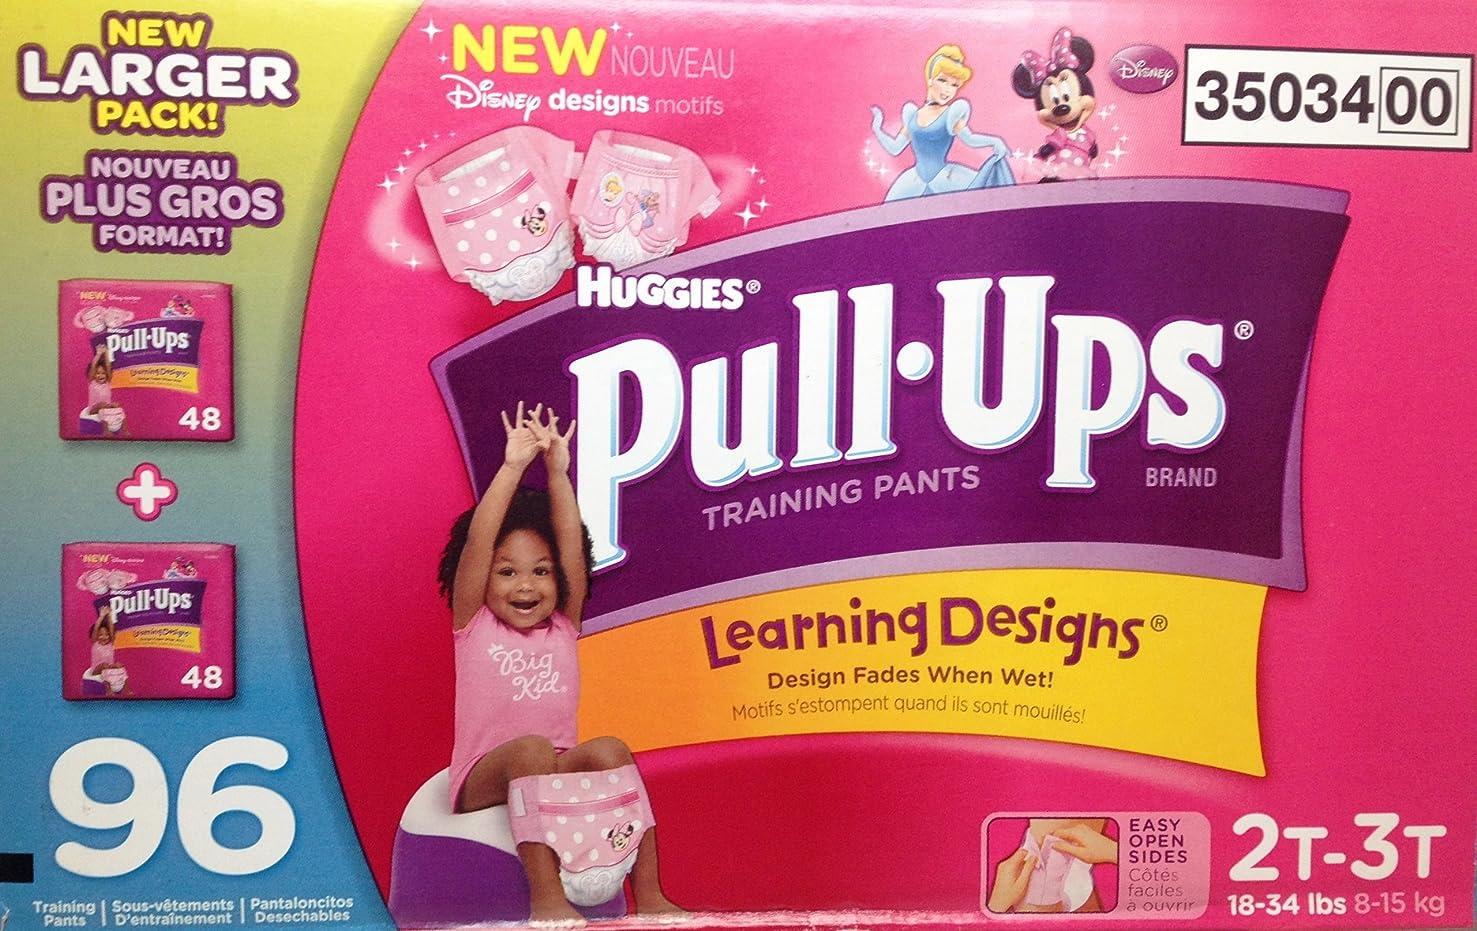 債権者ペア何十人もHUGGIES ハギ-ズ はかせるオムツ/ トレーニングパンツ (2t-3t)8~15Kg 96枚 ディズニープリンセス&ミニーマウス Huggies Pull-ups Training Pants for Girls, Size 2t-3t (18-34 Lbs.), 96 Ct【並行輸入品】